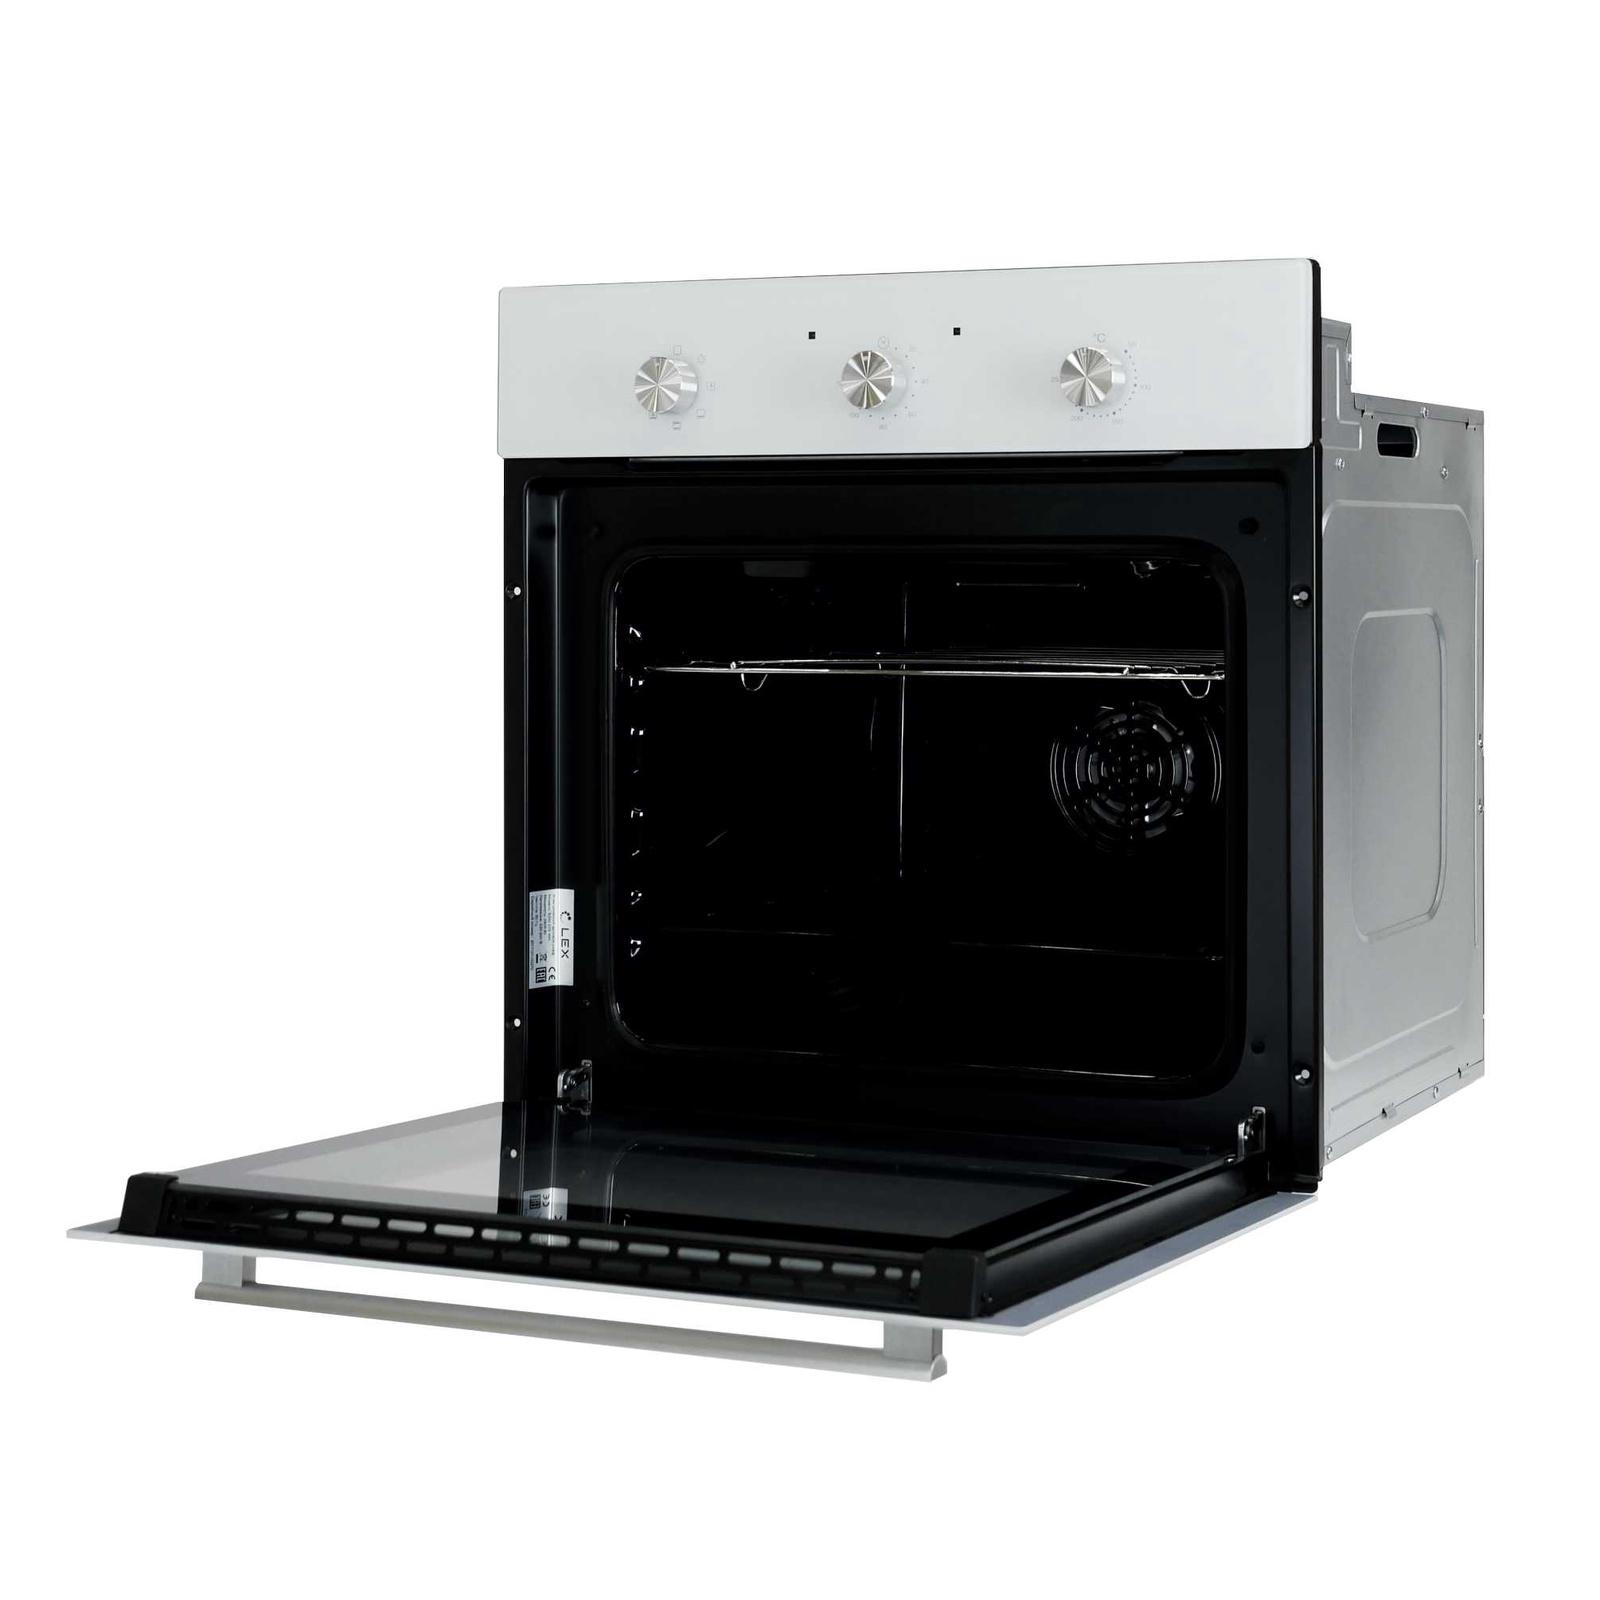 Духовой шкаф Lex EDM 070 WH, белый  4620016722398, CHAO000193 2